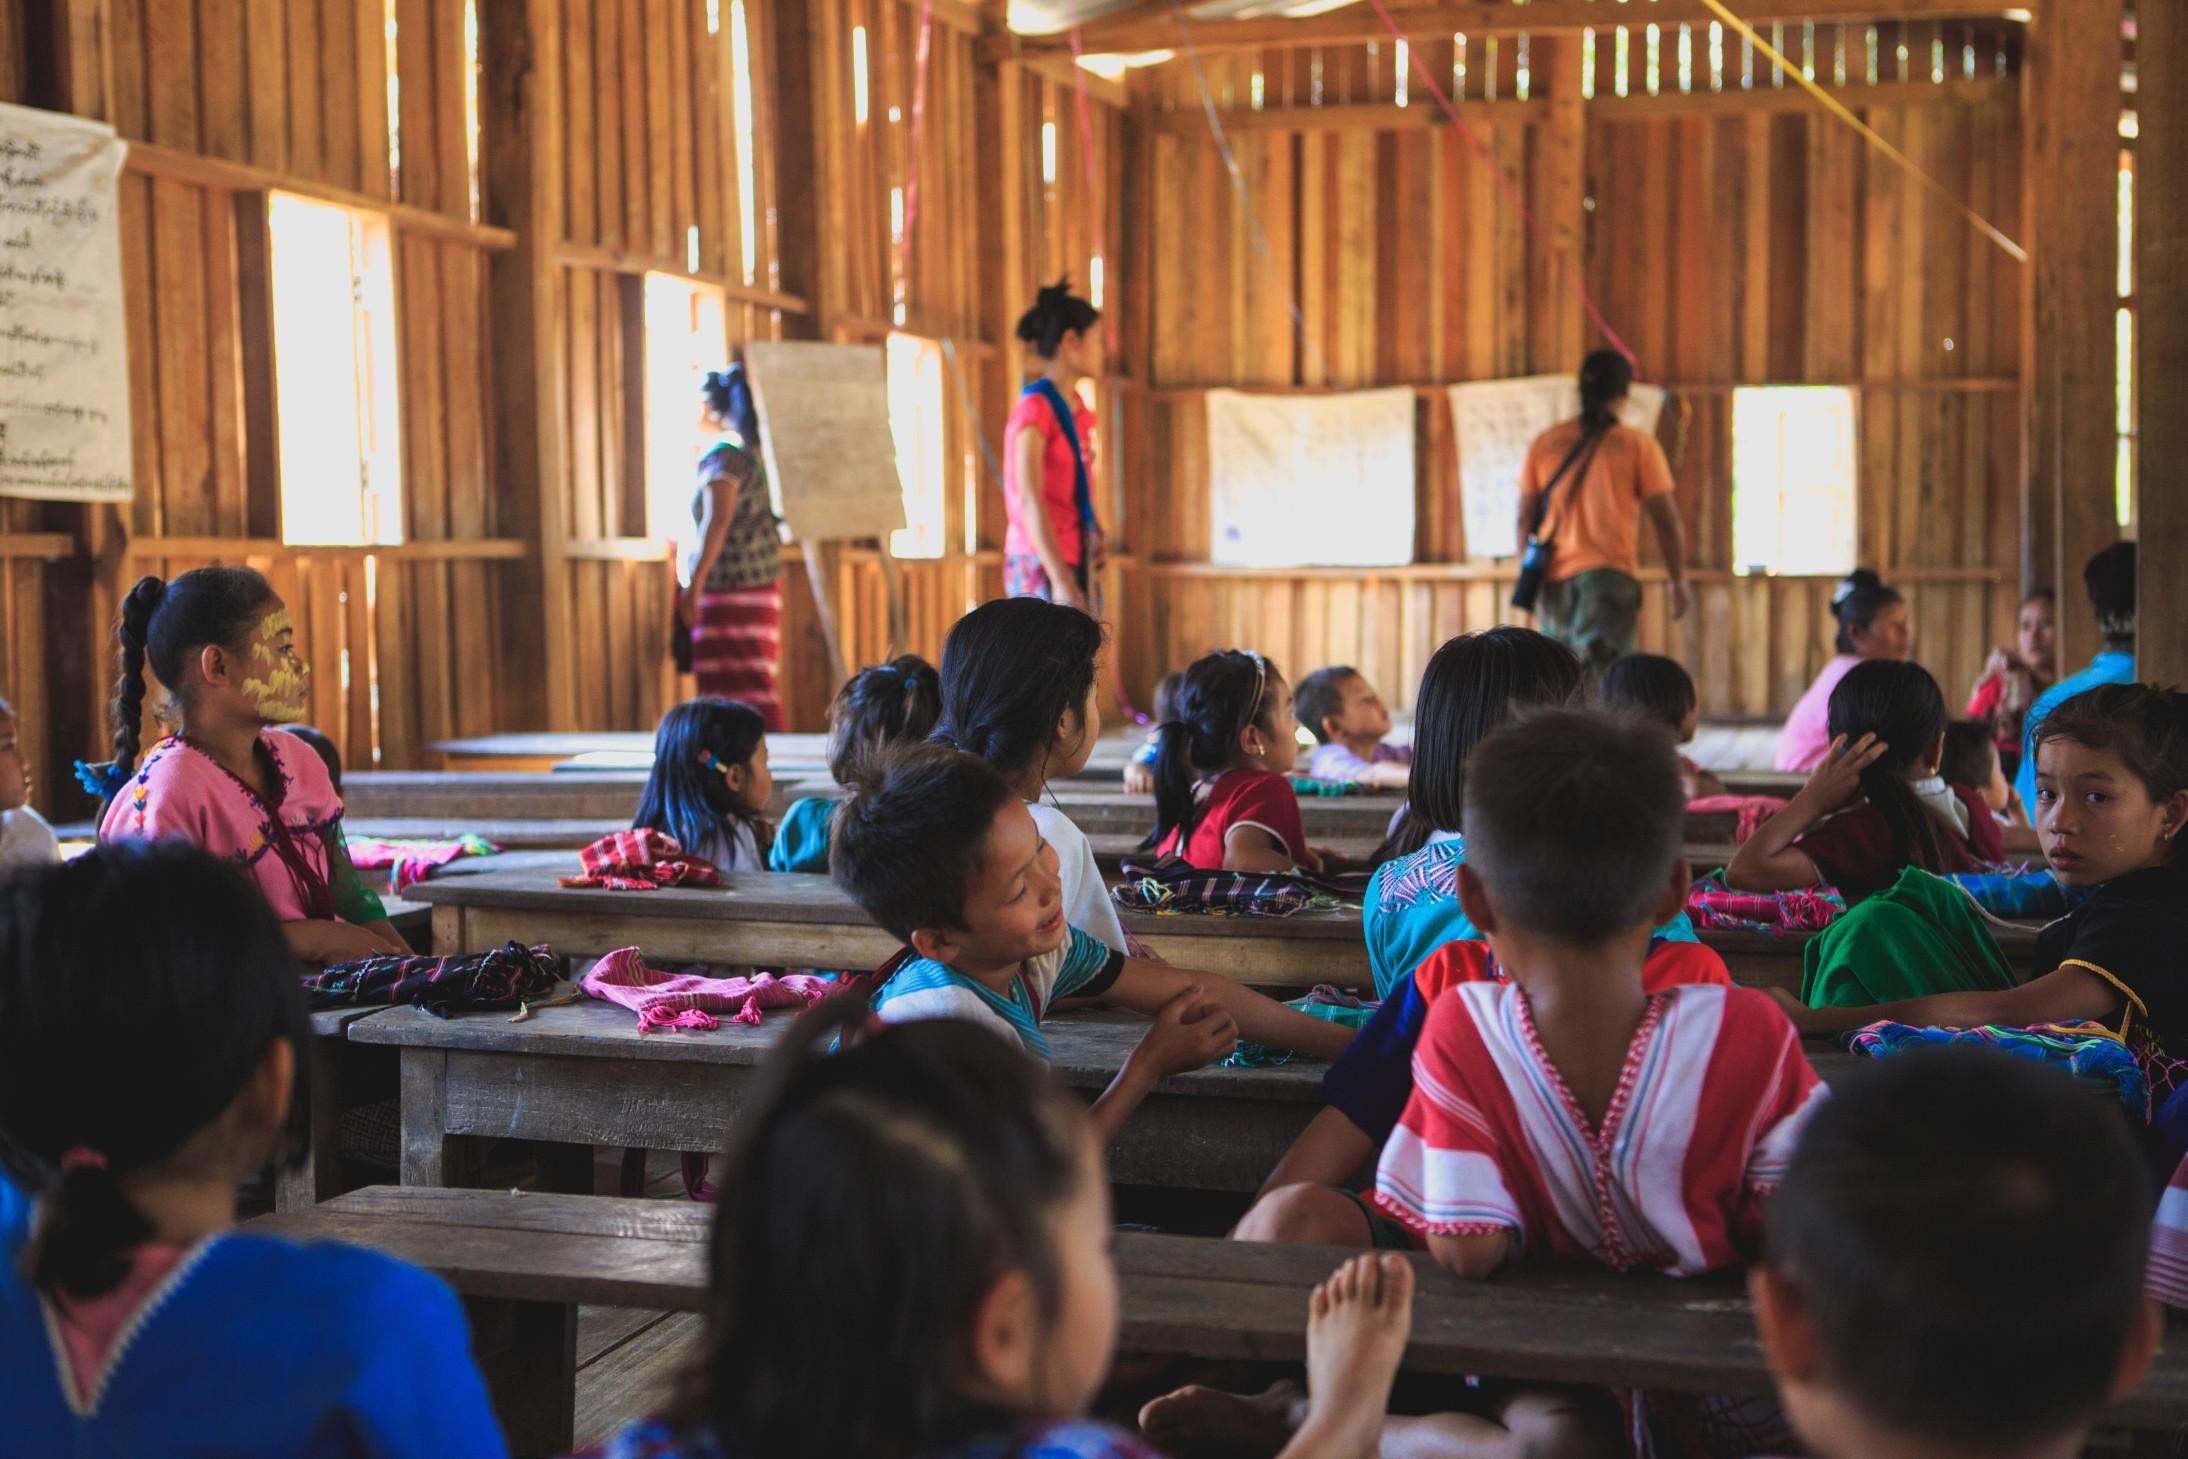 Evangelizar niños creativamente | 3 actividades